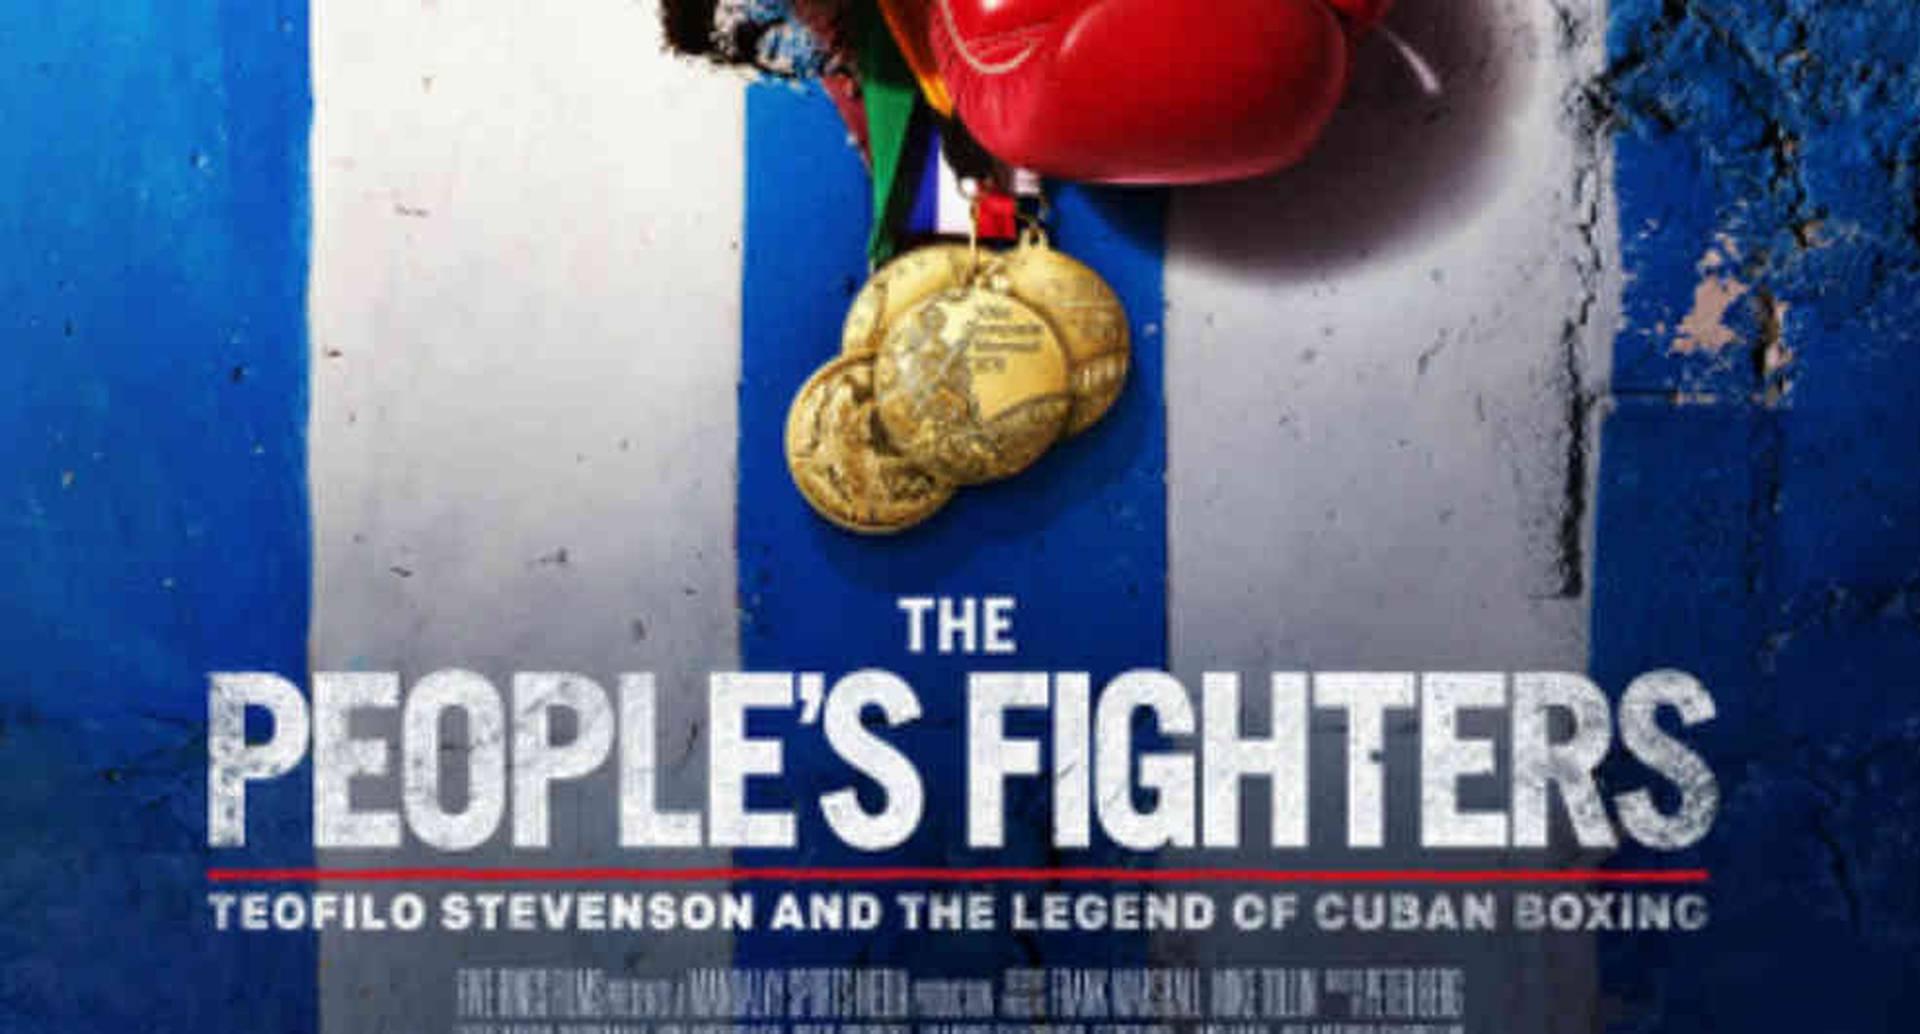 Hay material de archivo y producciones originales, como este documental sobre el boxeo en Cuba.